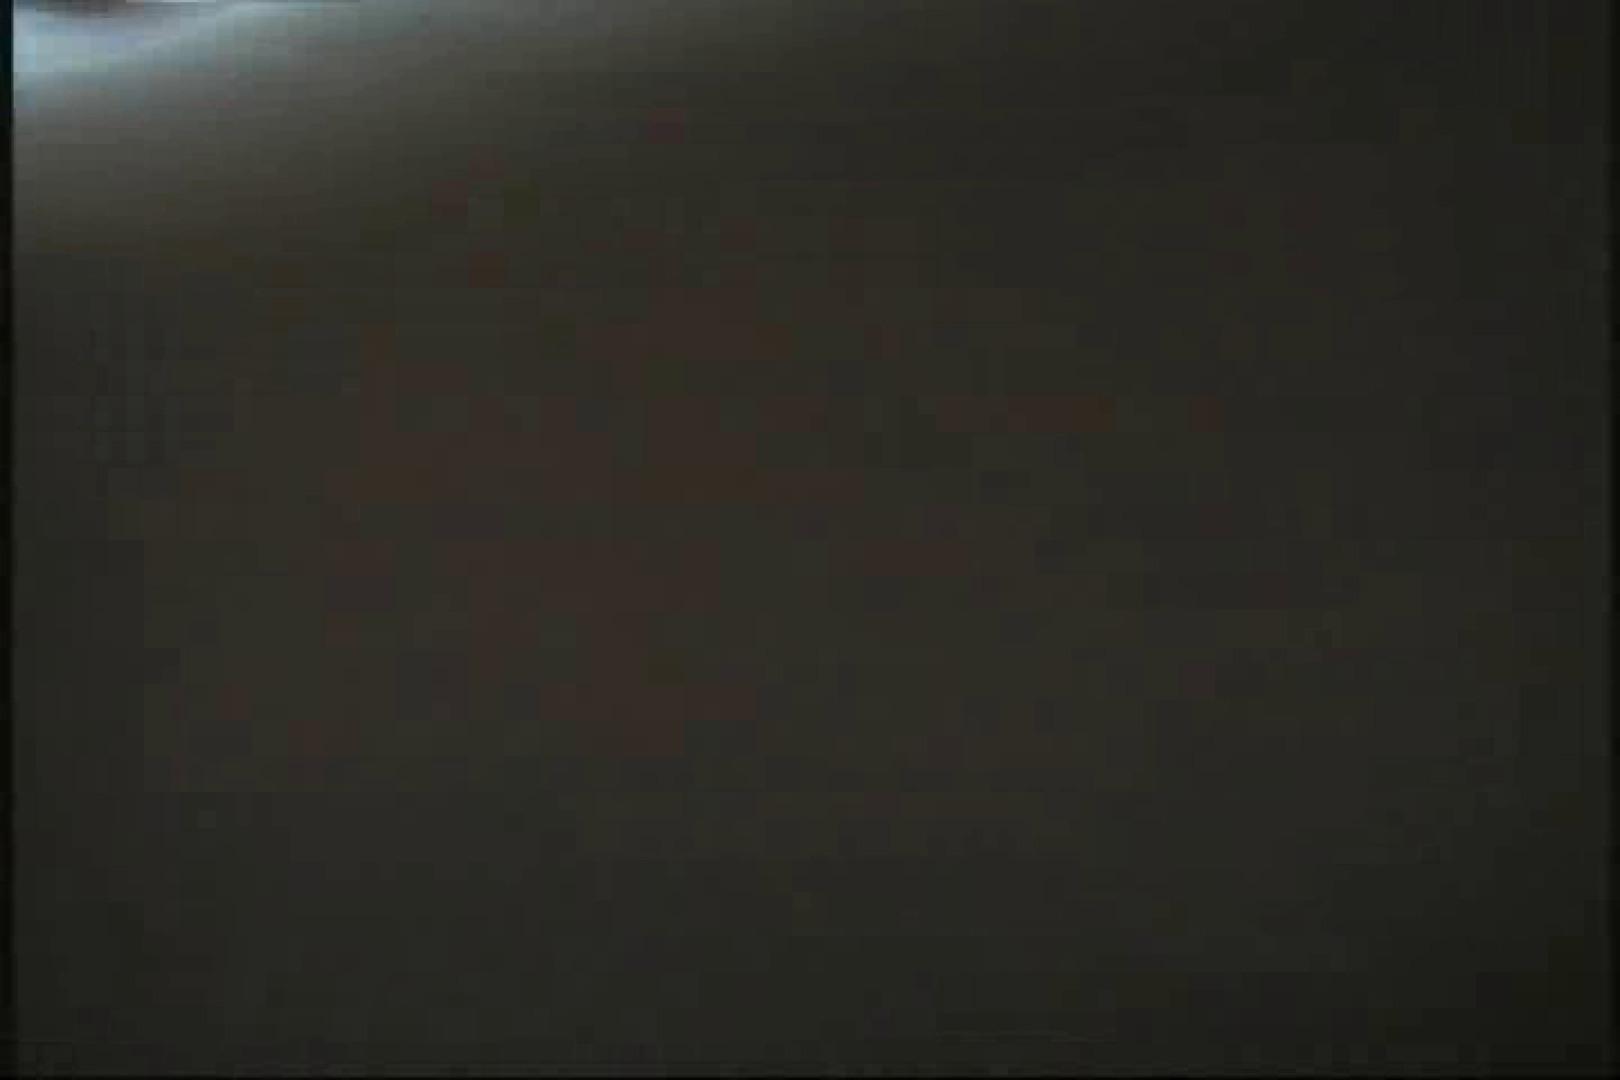 いっくんの調教シリーズ「未亡人みずほ27歳市役所職員」Vol.7 浴衣  52PIX 12